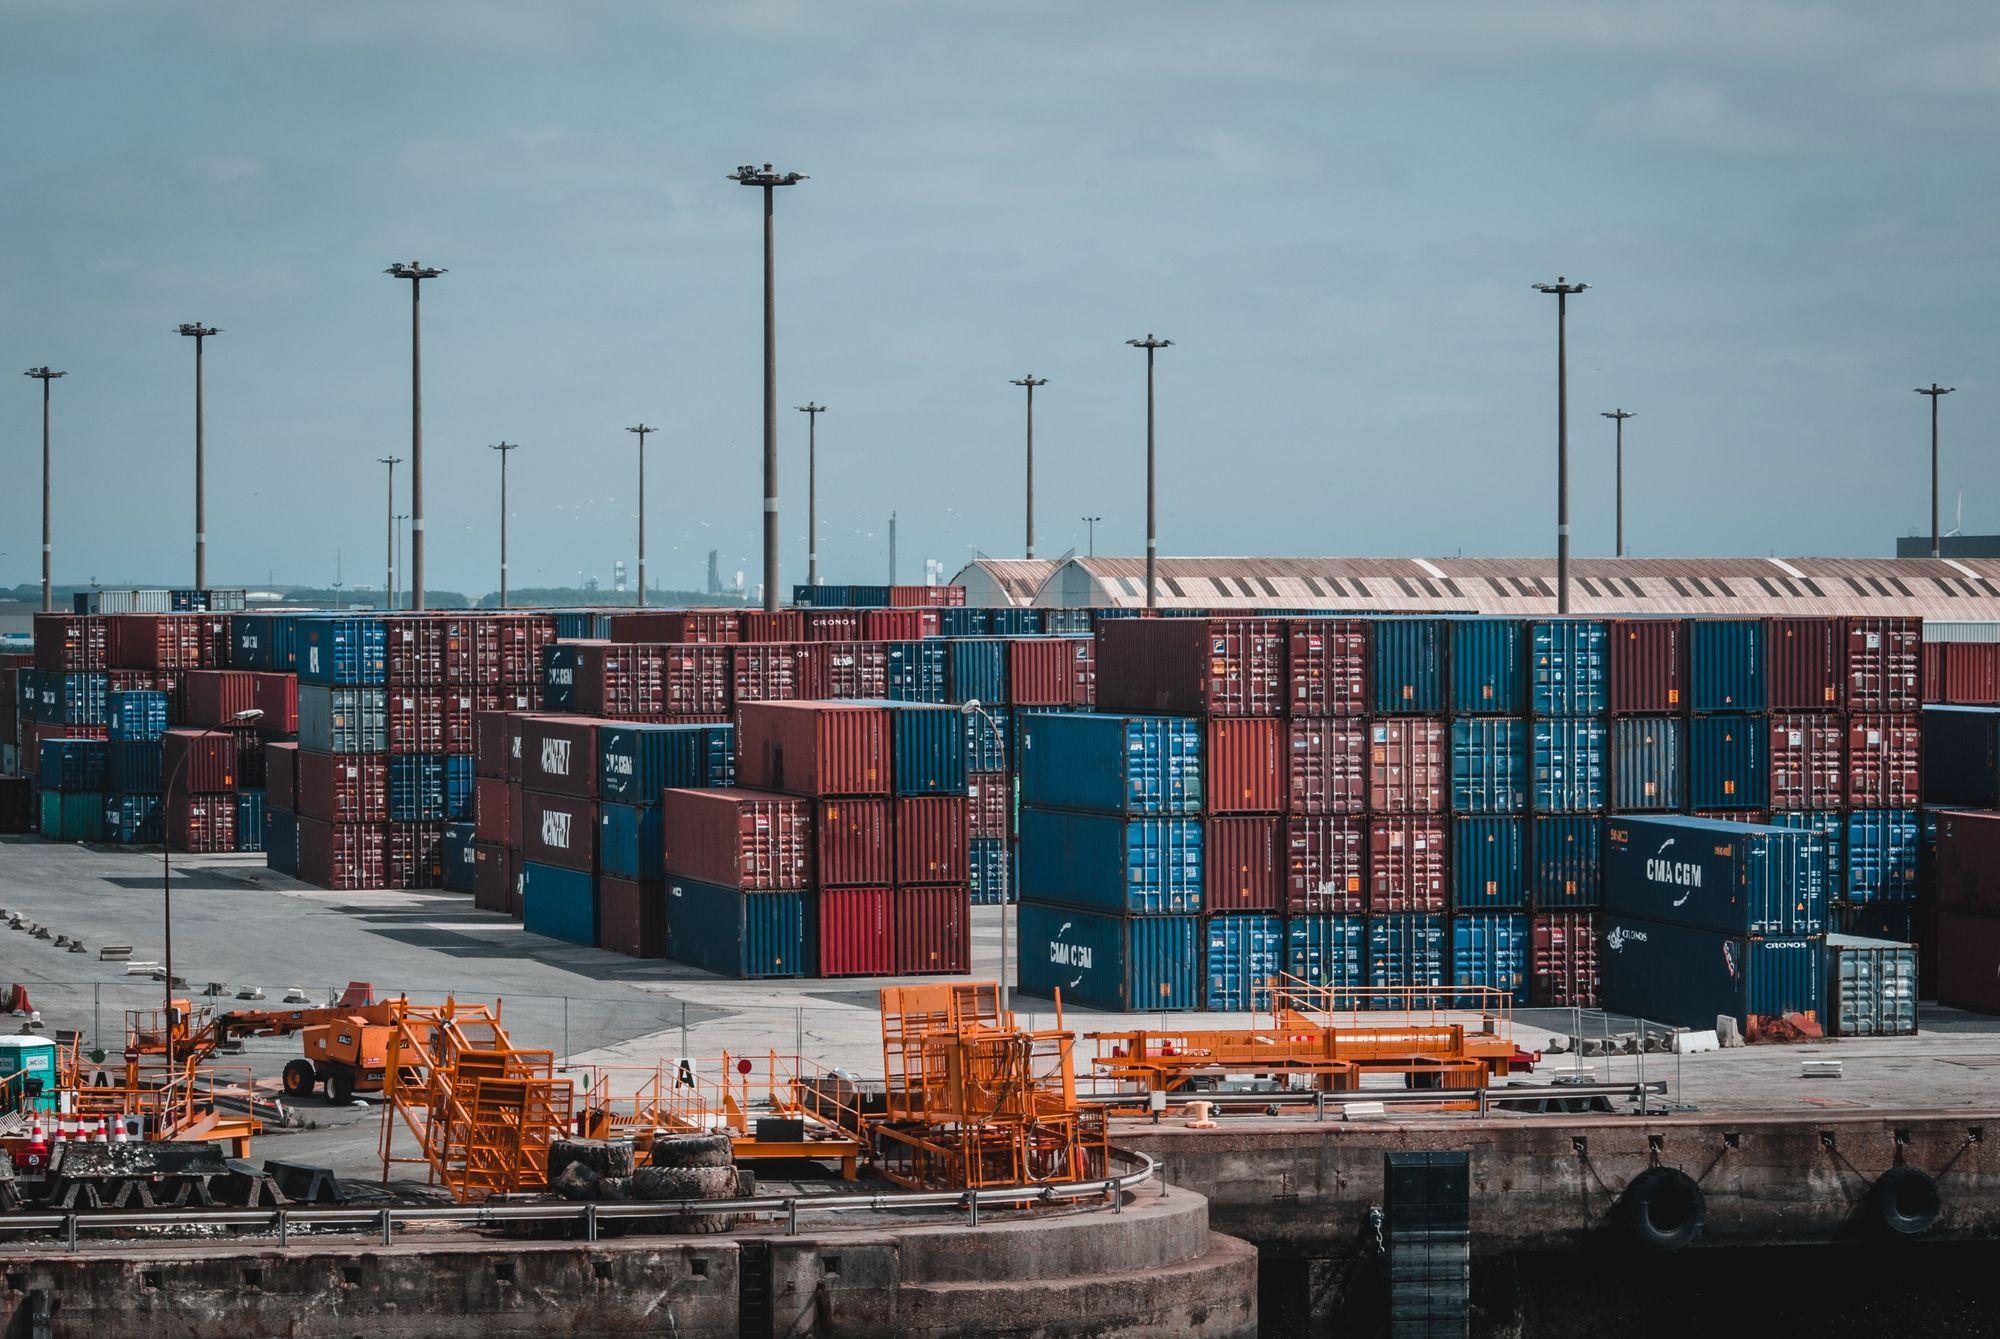 Freight Forwarder Vs. Easyship For Global eCommerce